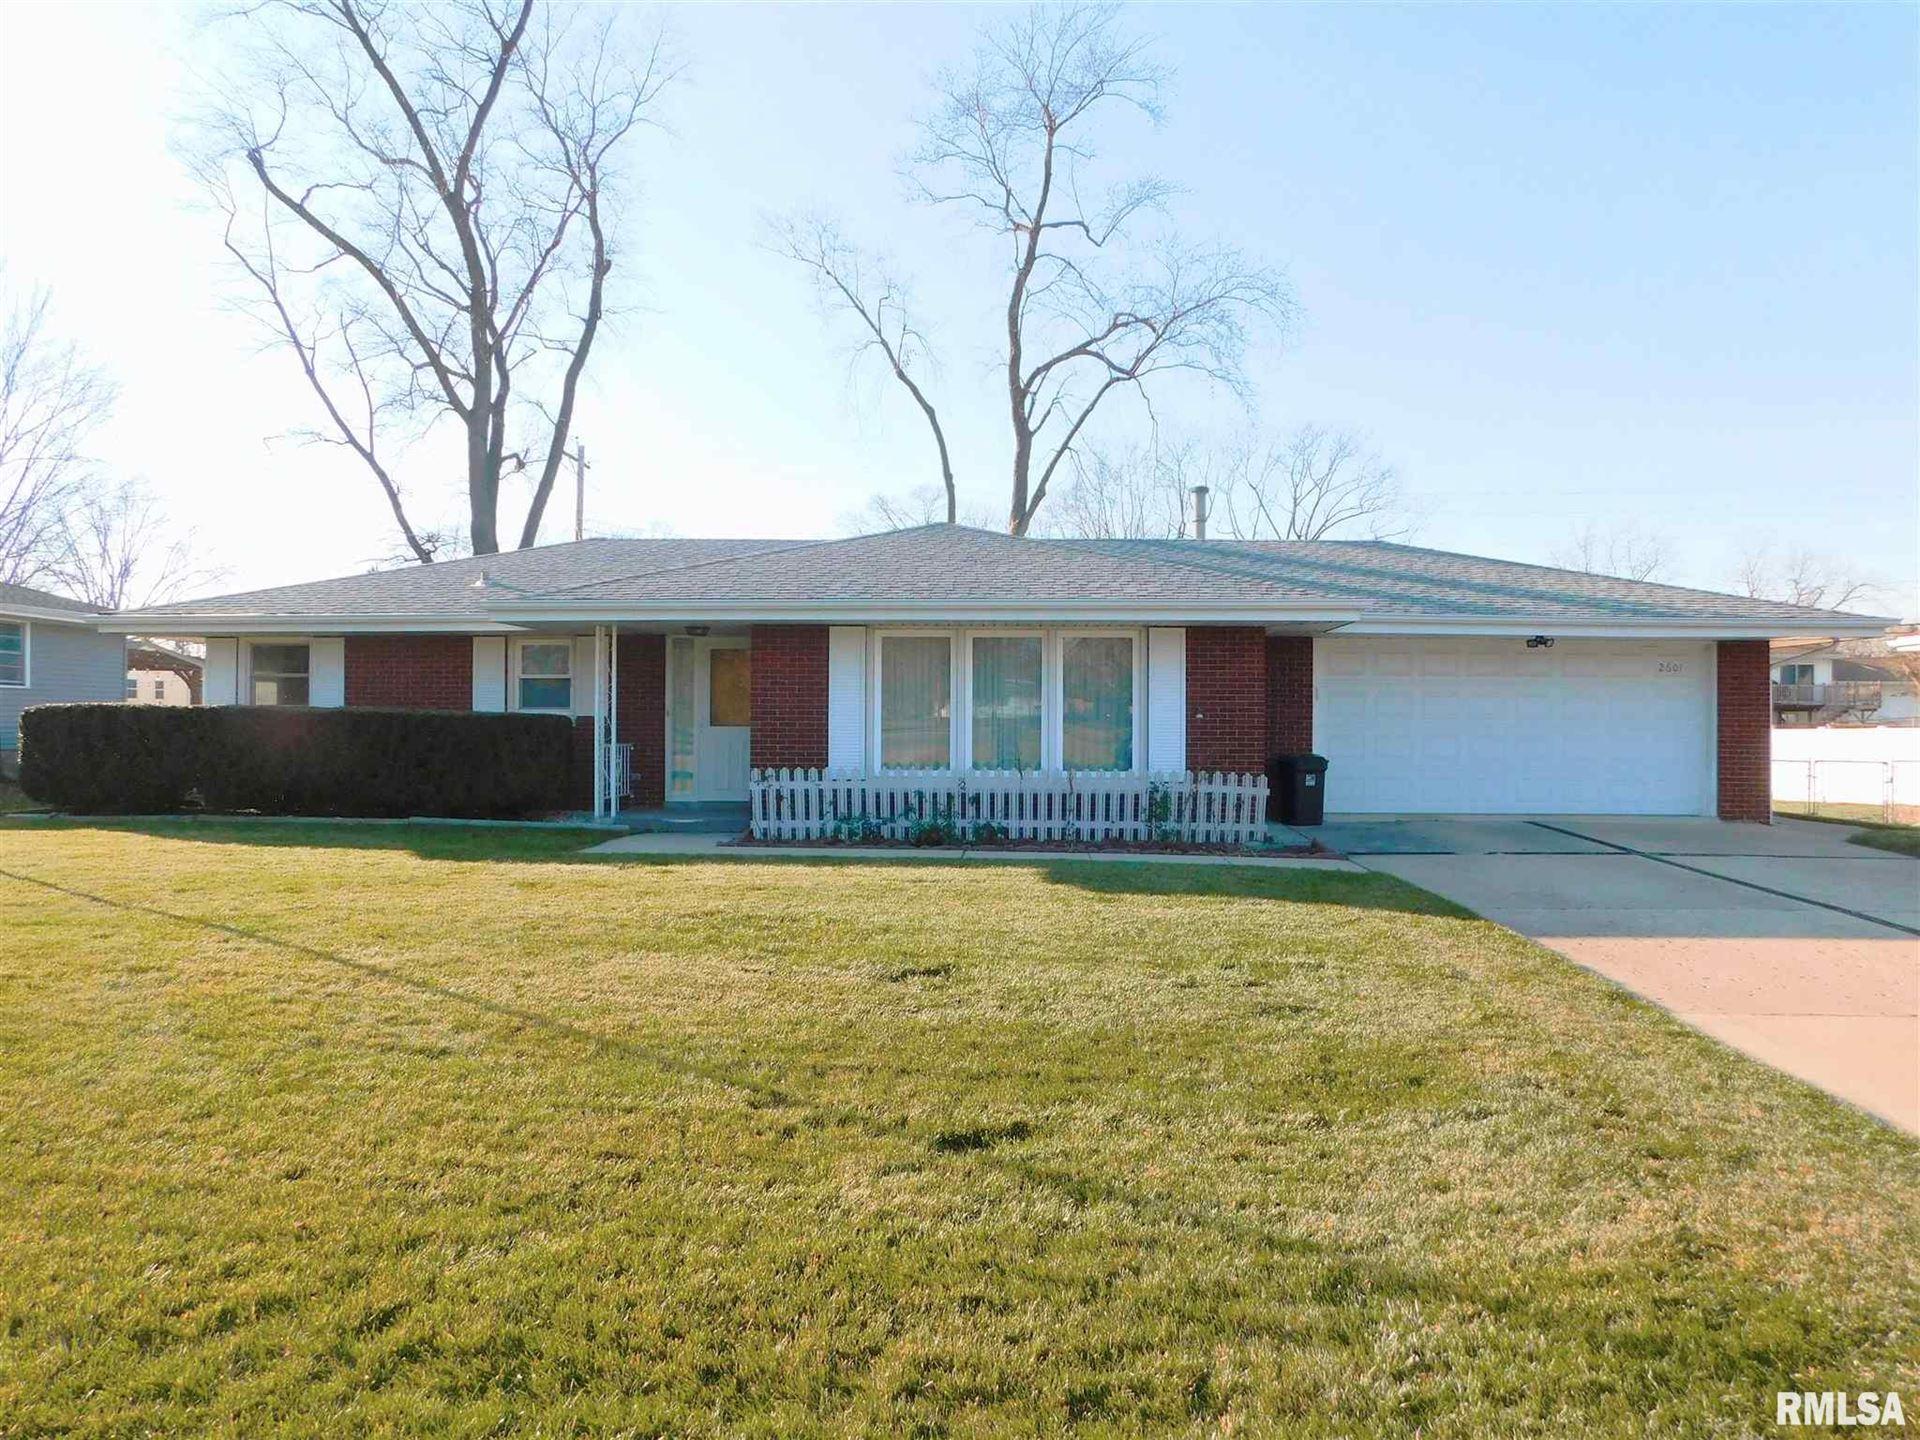 2601 S DAYCOR DIVIDE NONE, Bartonville, IL 61607 - #: PA1221056